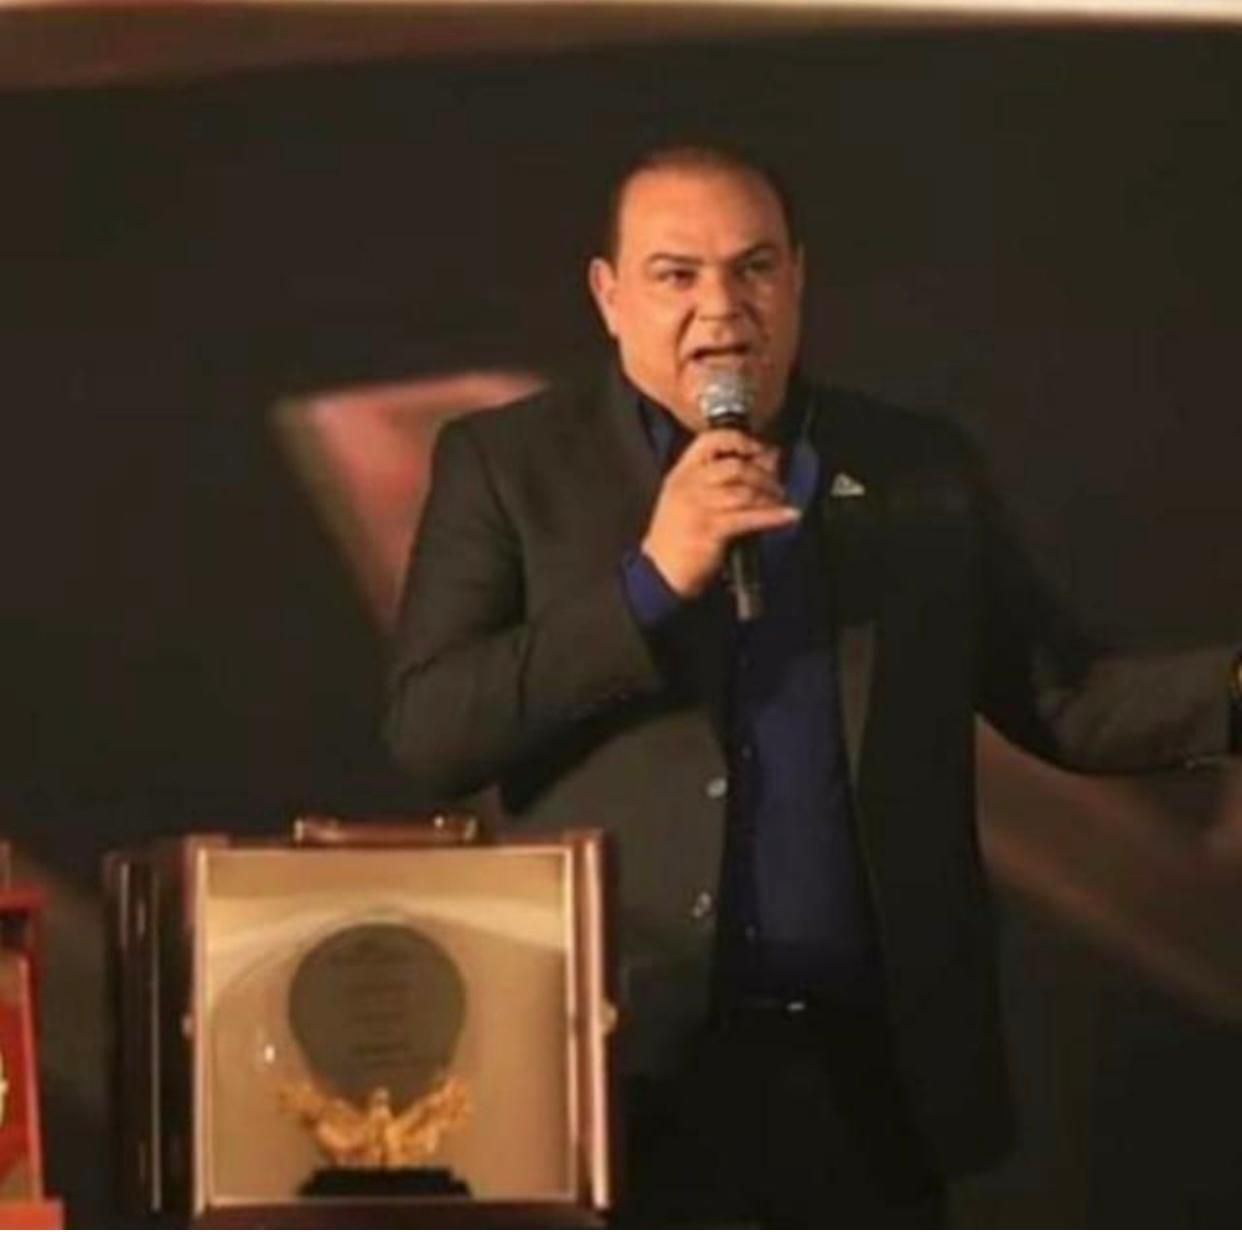 هشام الخولي رئيس مجلس الإدارة (2)